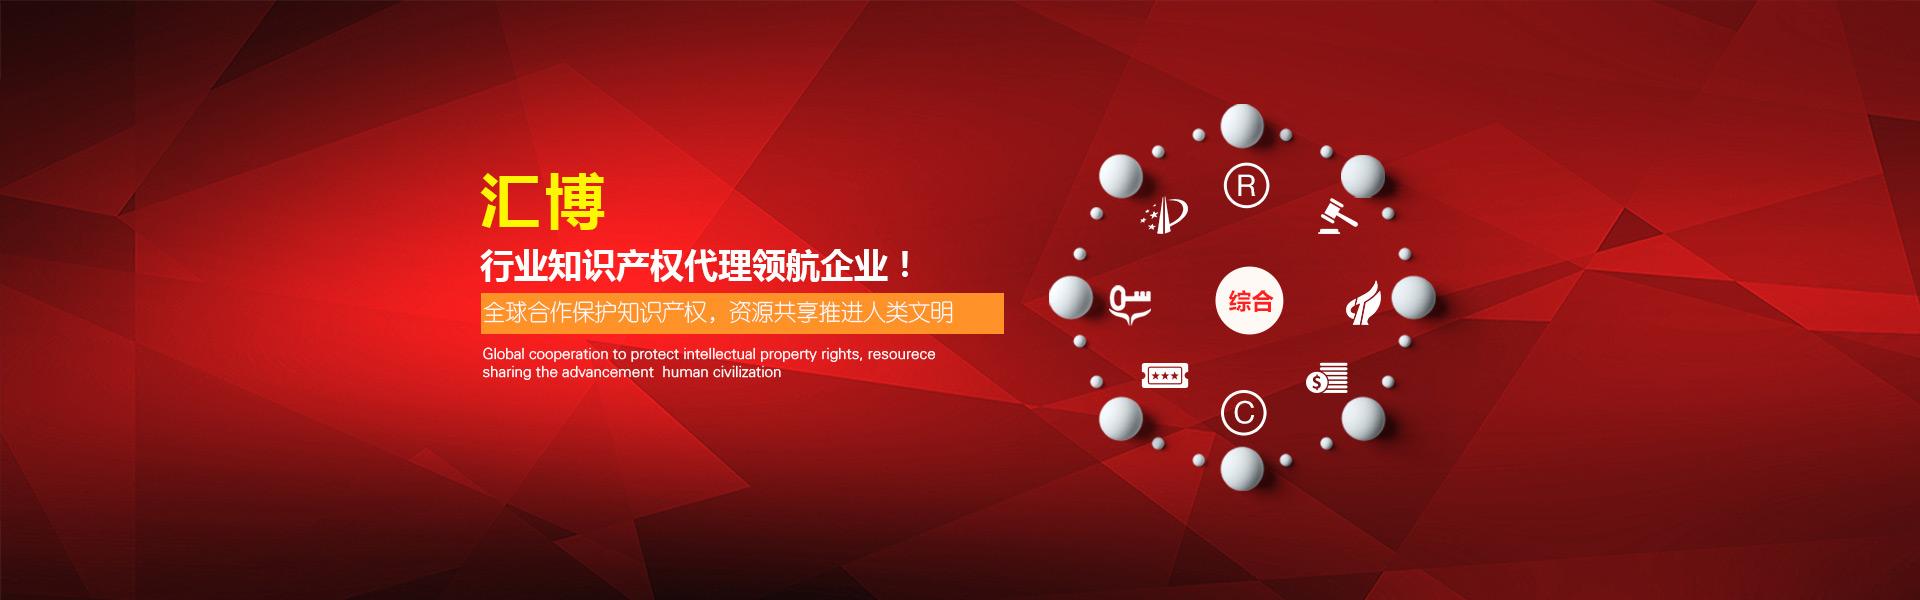 徐州注册商标高效快捷——为什么需要注册商标